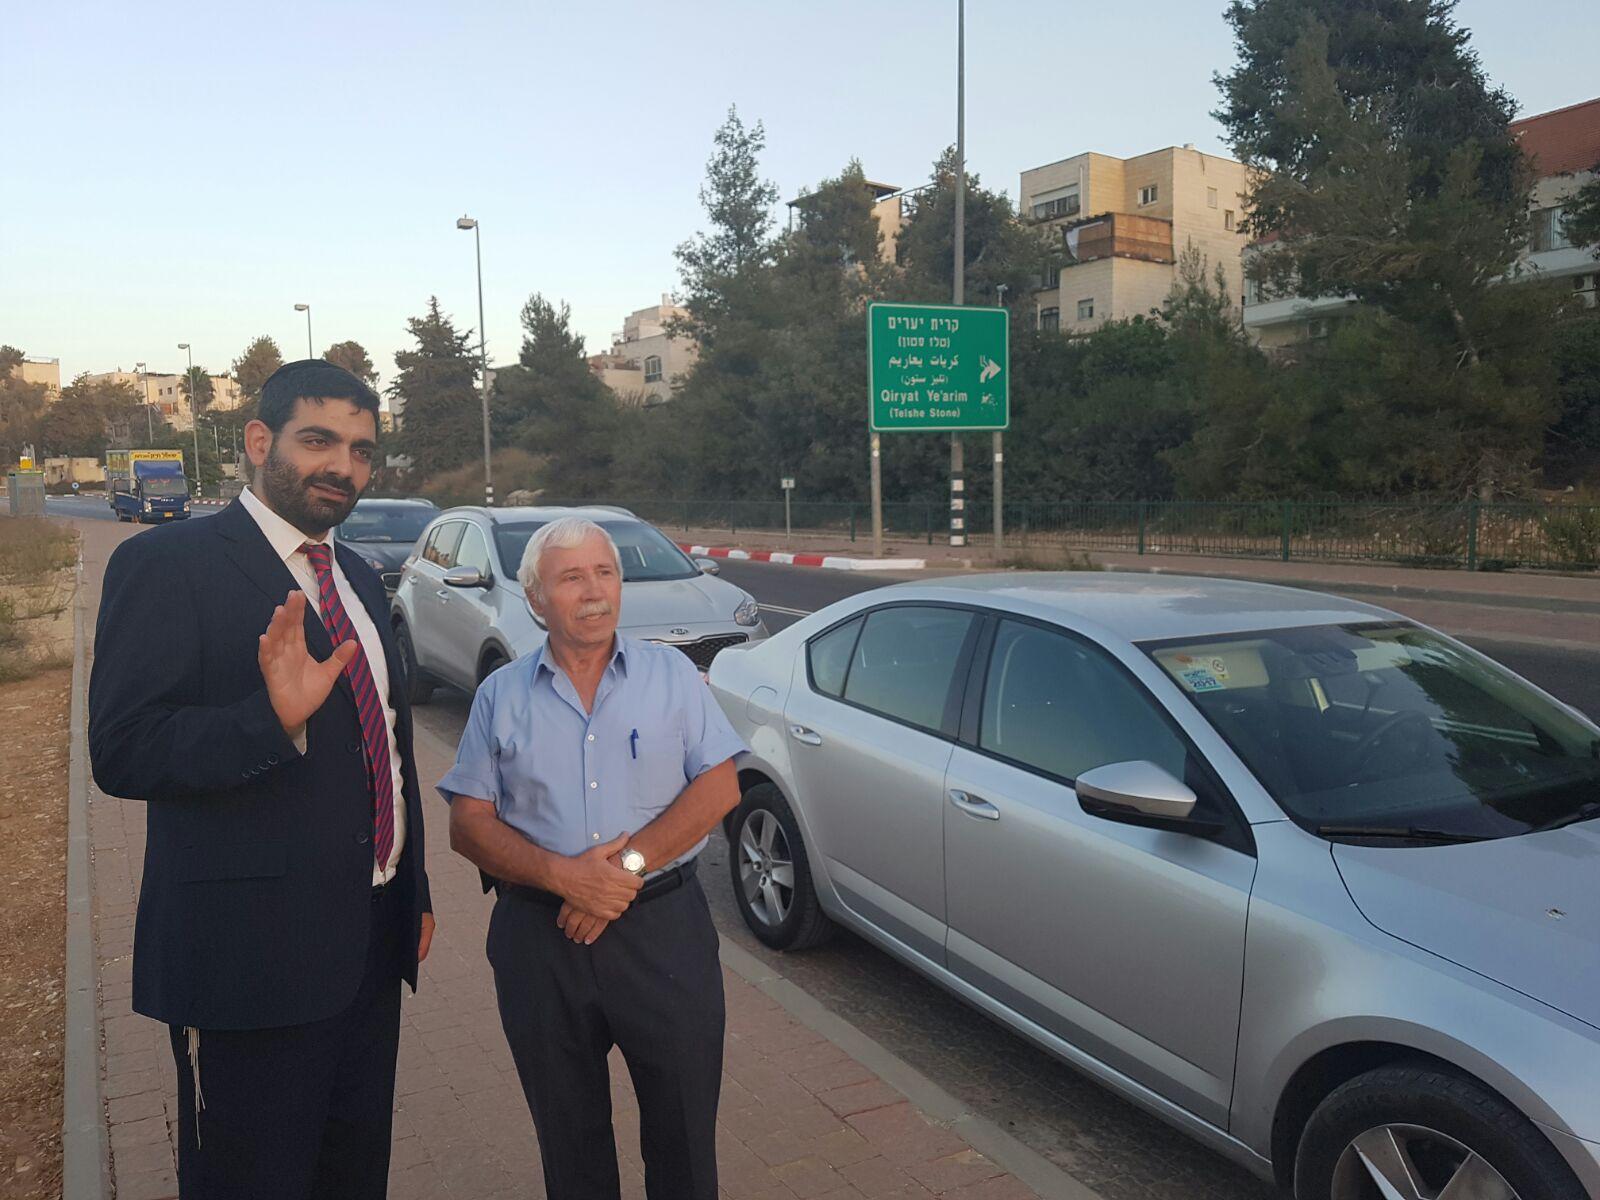 רוצים לגור בירושלים? לחבר כנסת מיכאל מלכיאלי יש רעיון עבורכם